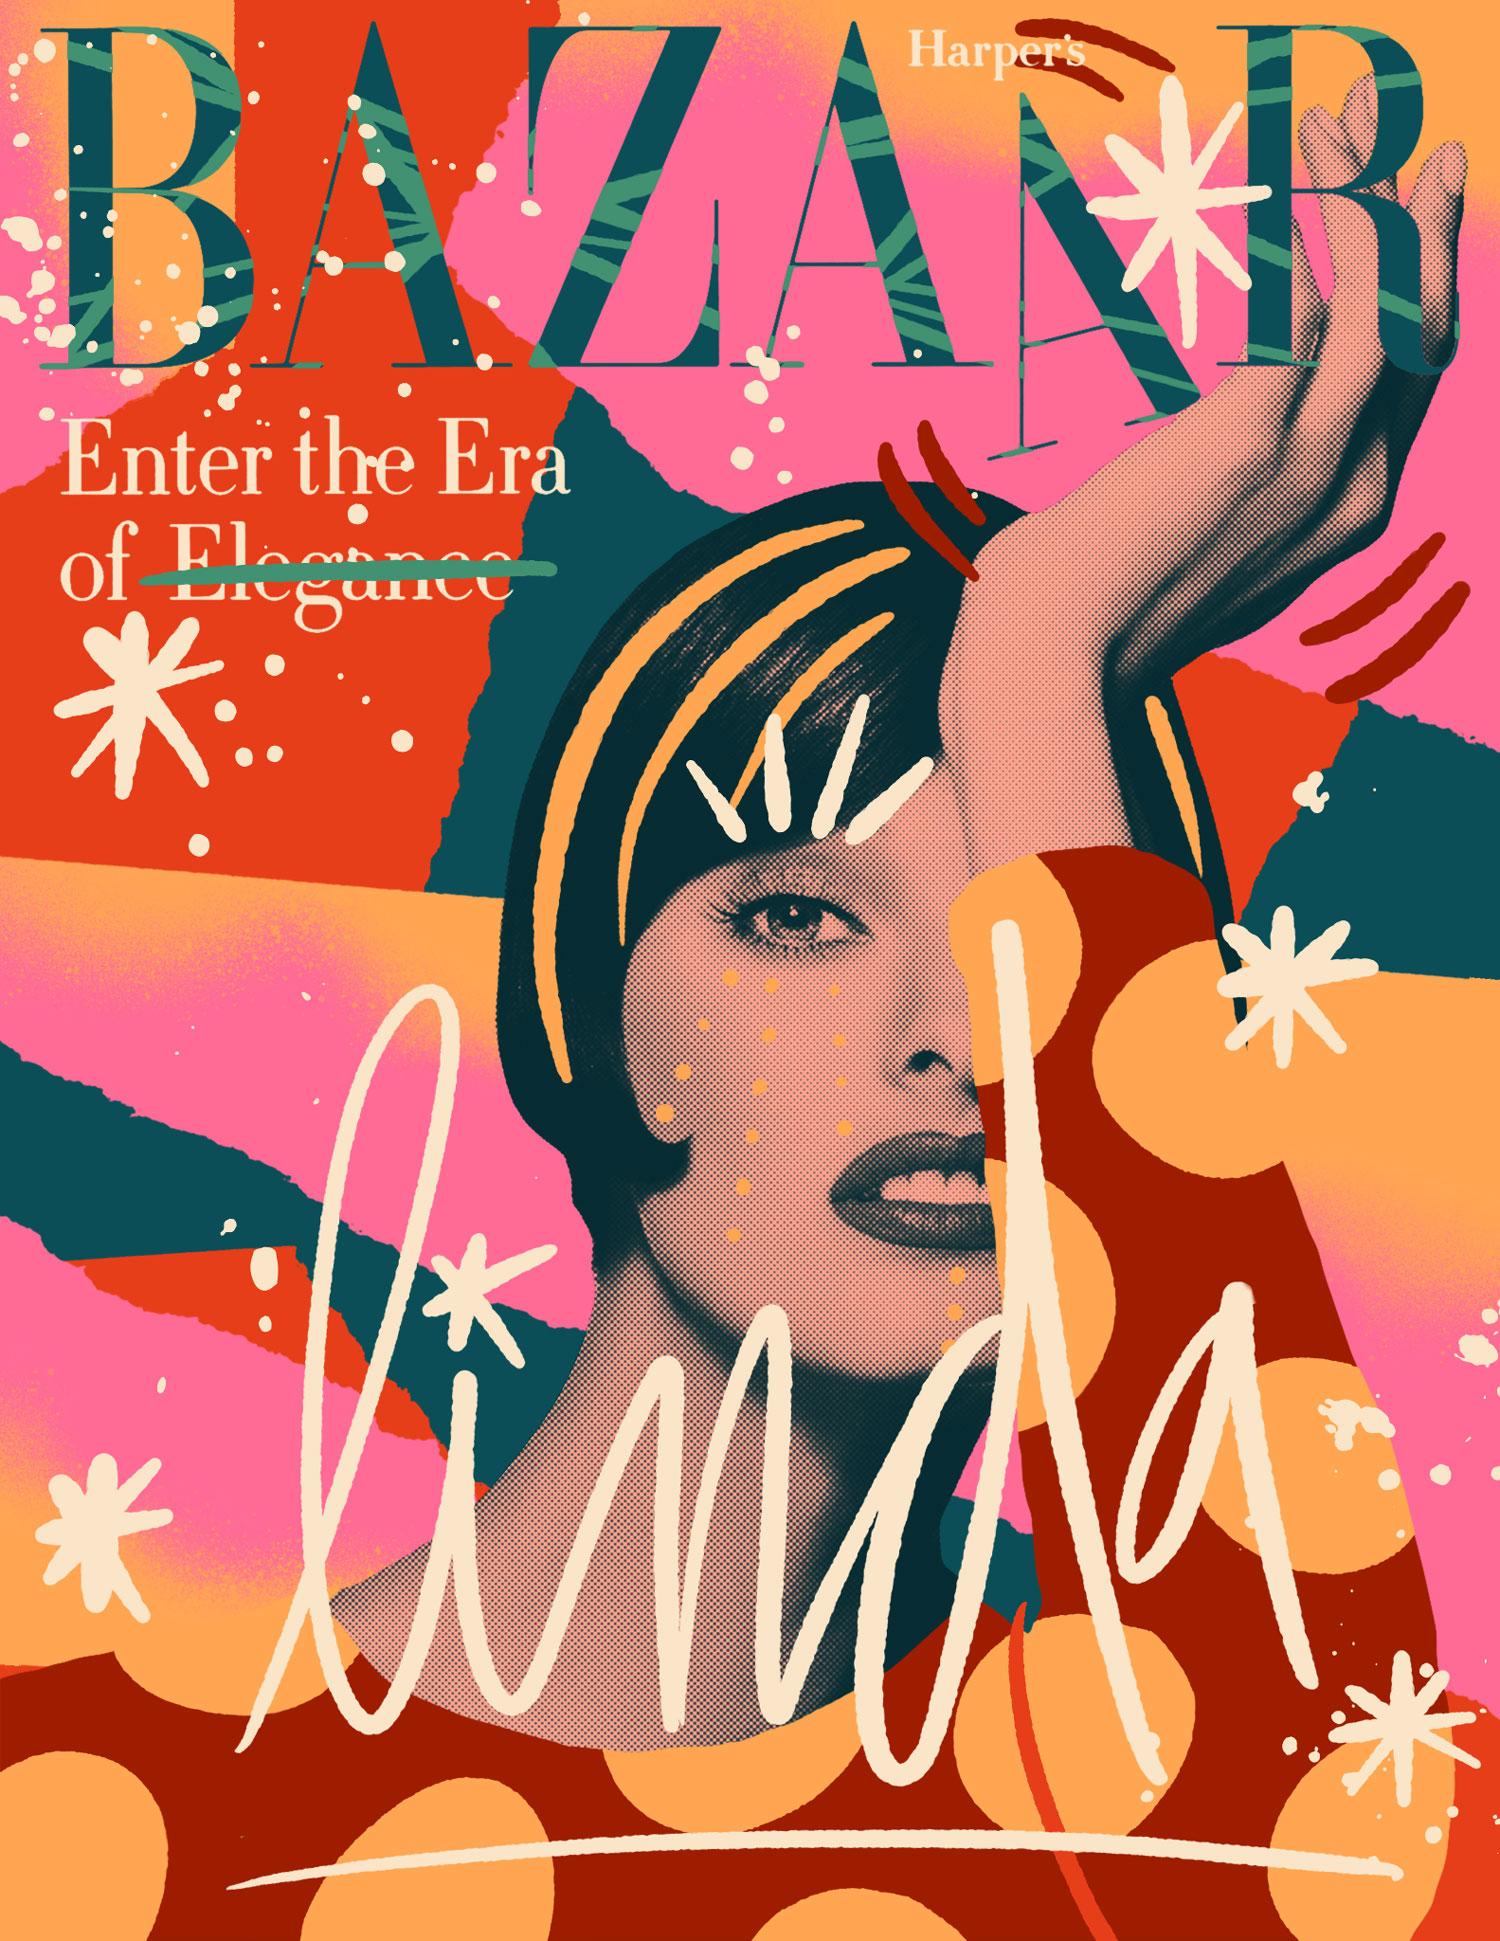 Harper's Bazaar - Illustration by David Weissberg